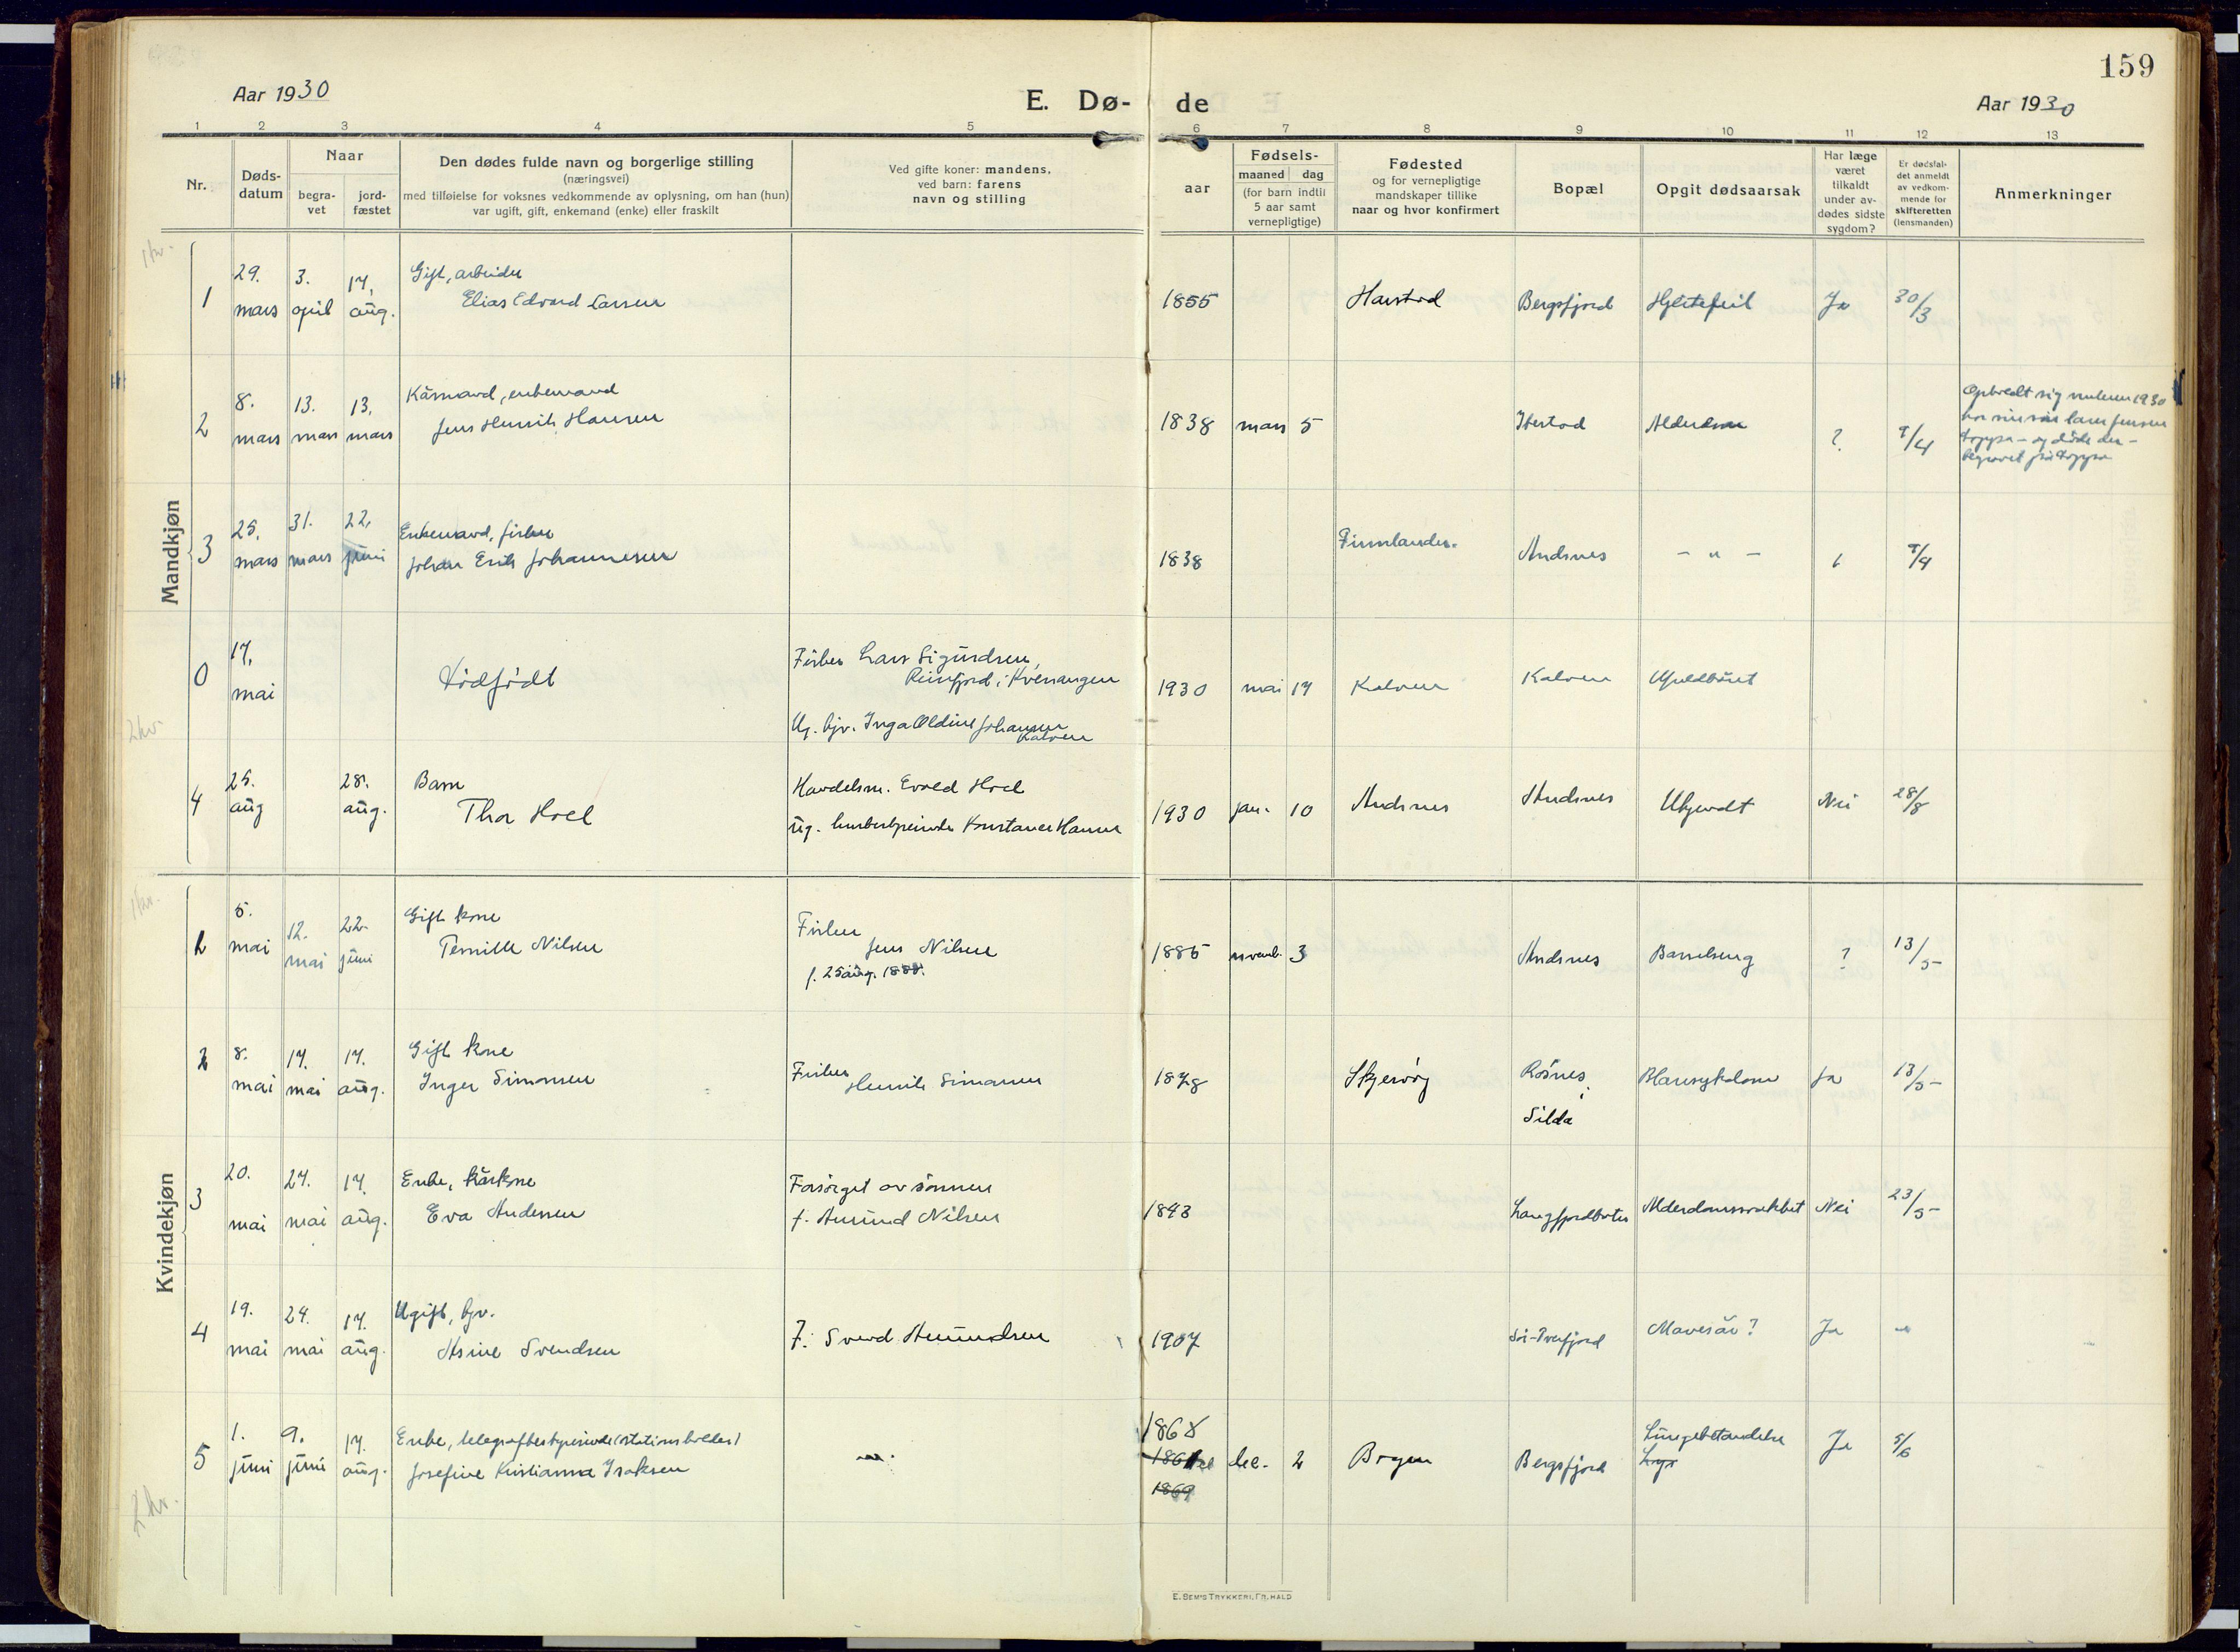 SATØ, Loppa sokneprestkontor, H/Ha/L0013kirke: Ministerialbok nr. 13, 1920-1932, s. 159